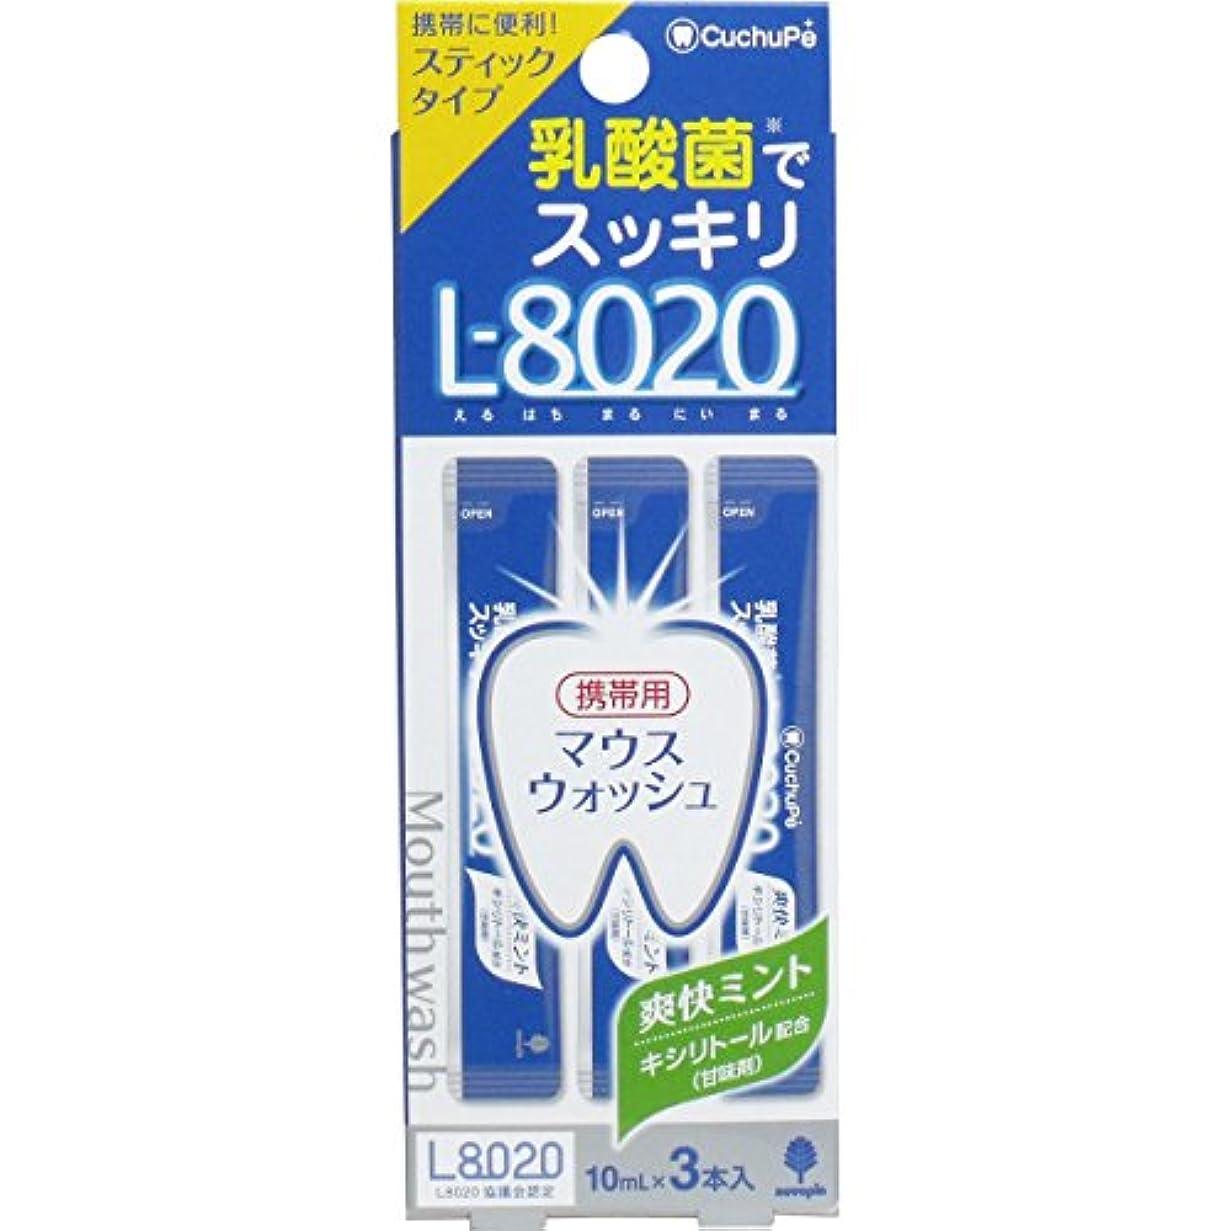 クモ加害者ボイコット紀陽除虫菊 クチュッペ L-8020 マウスウォッシュ 爽快ミント スティックタイプ 10mL*3本入 4971902070872